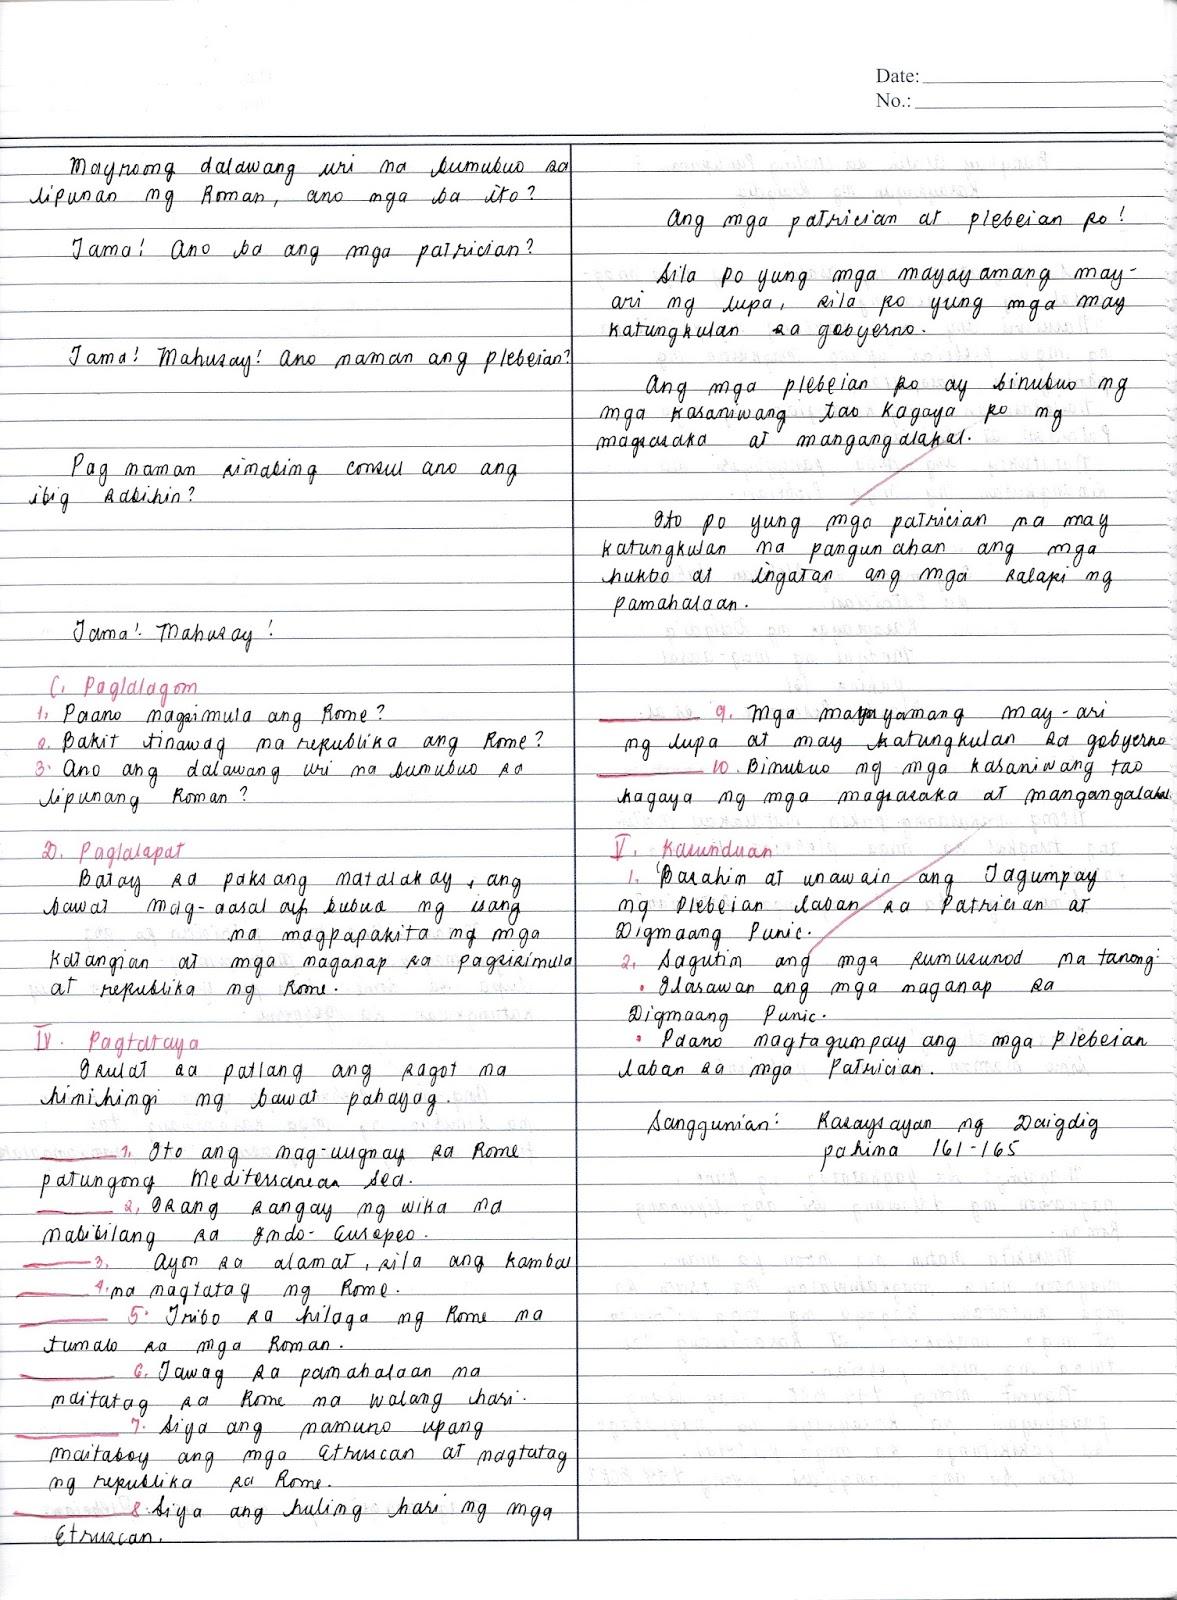 Ano in dating pangalan ng persia